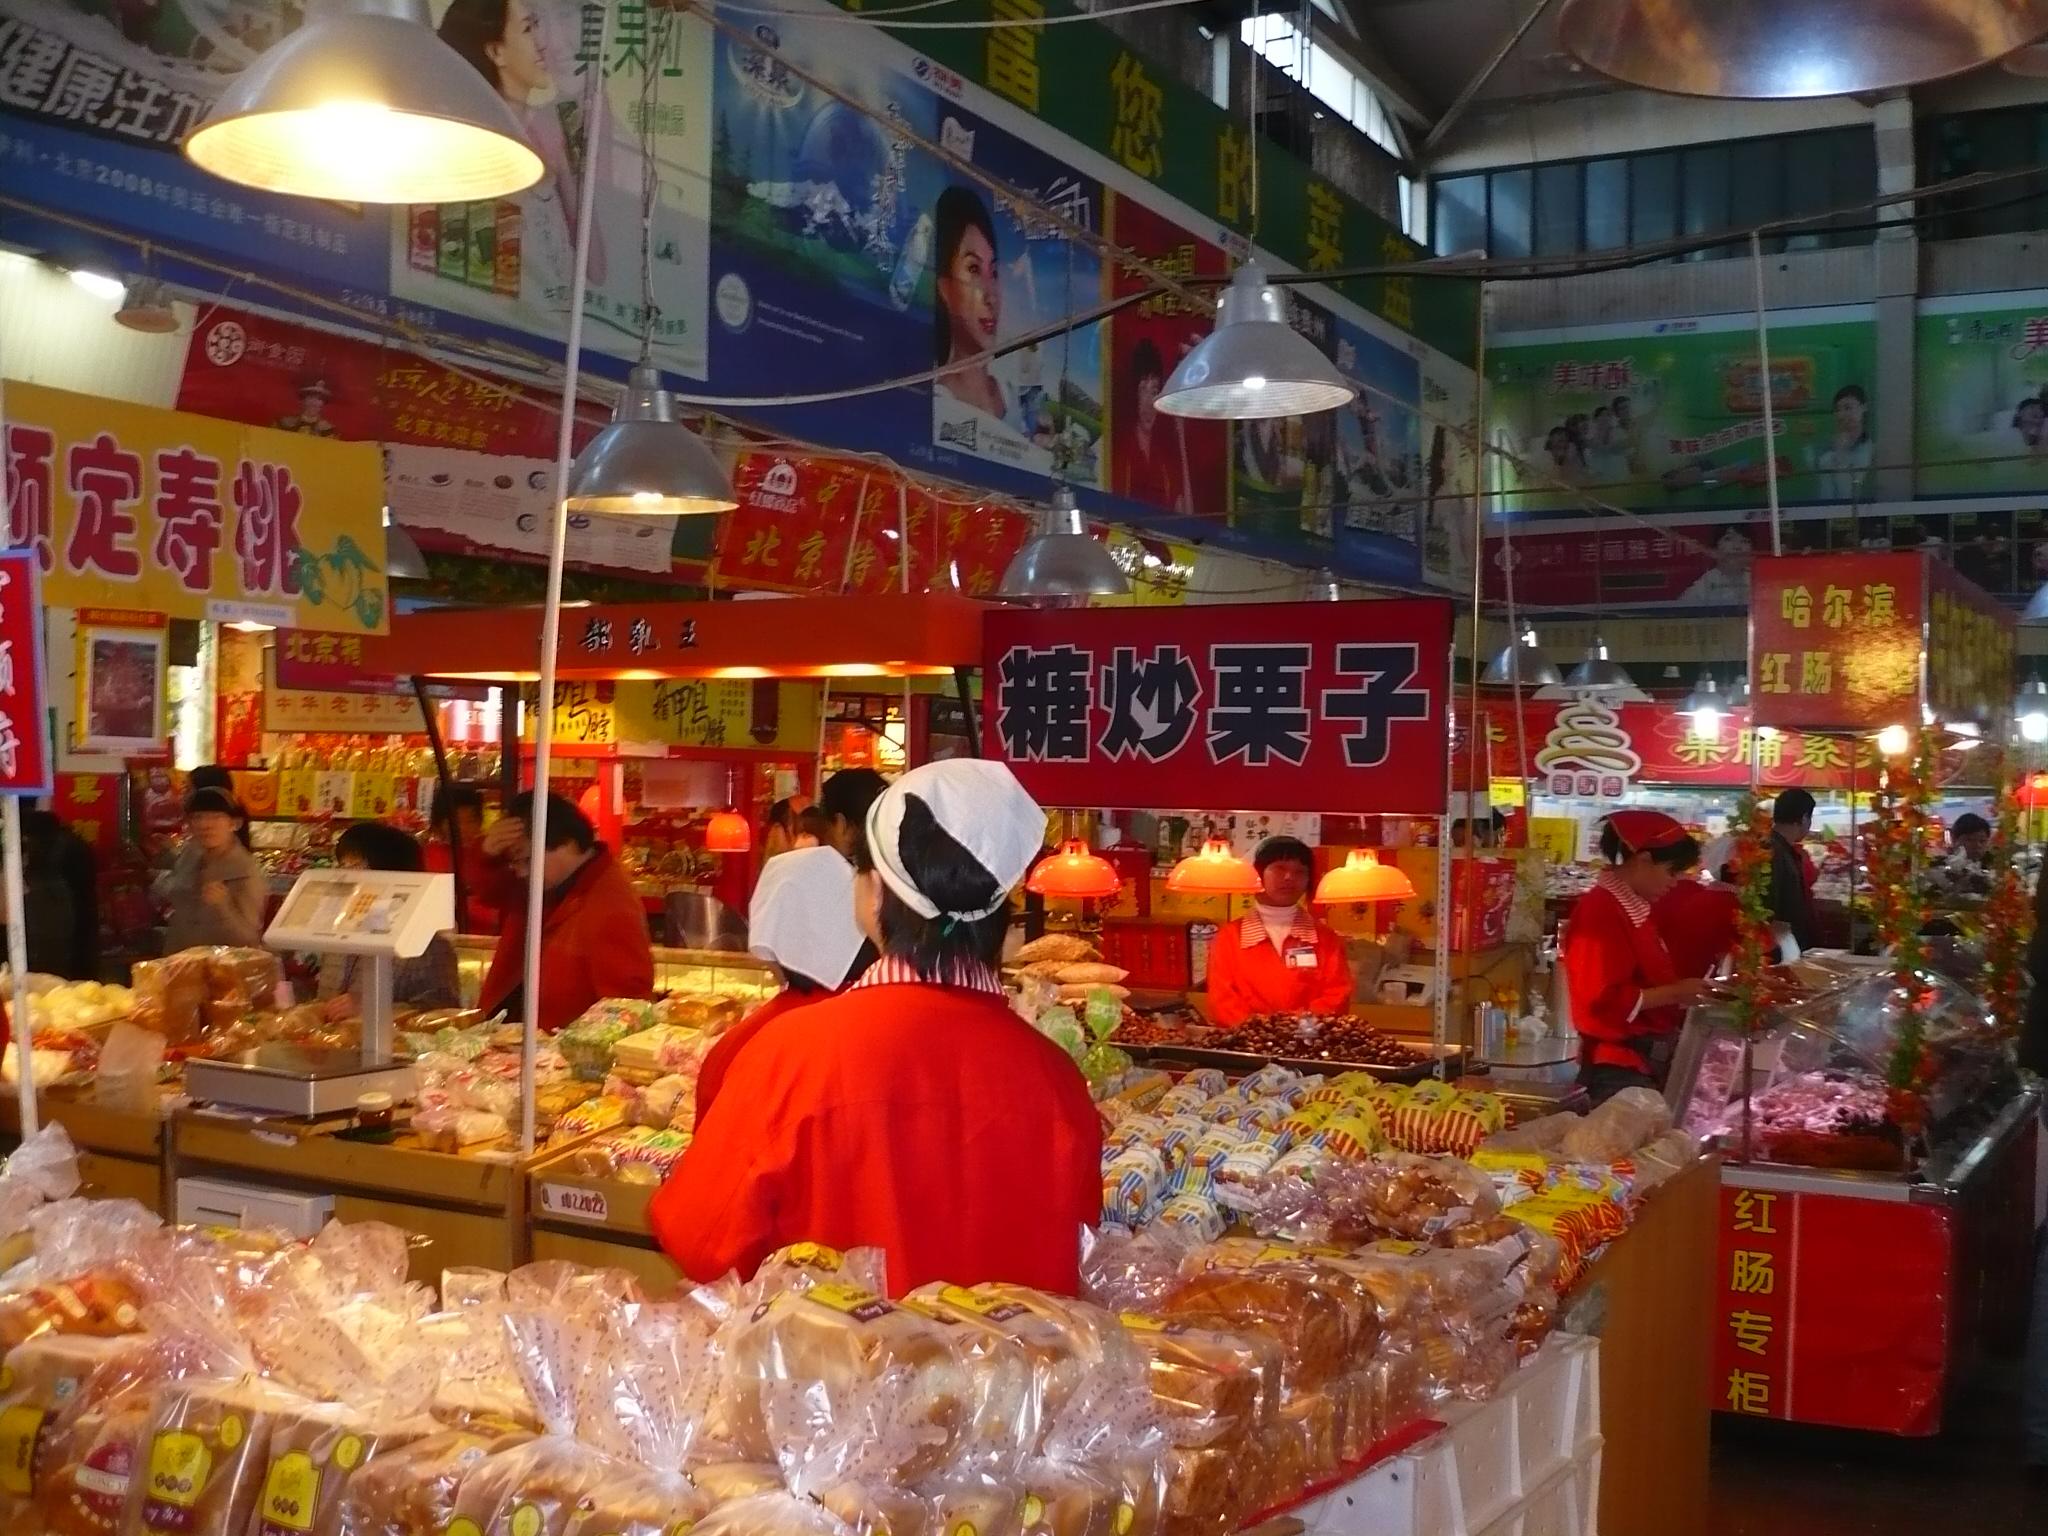 Market in Beijing